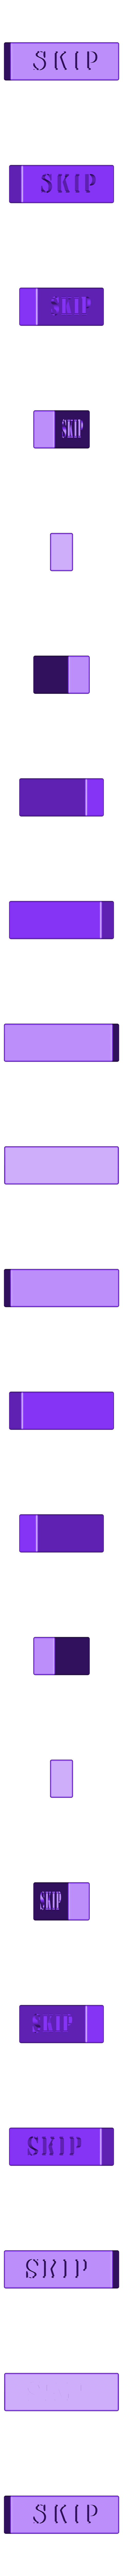 Jenga block - Skip.stl Download STL file Jenga Rules • 3D print model, Made_In_Space